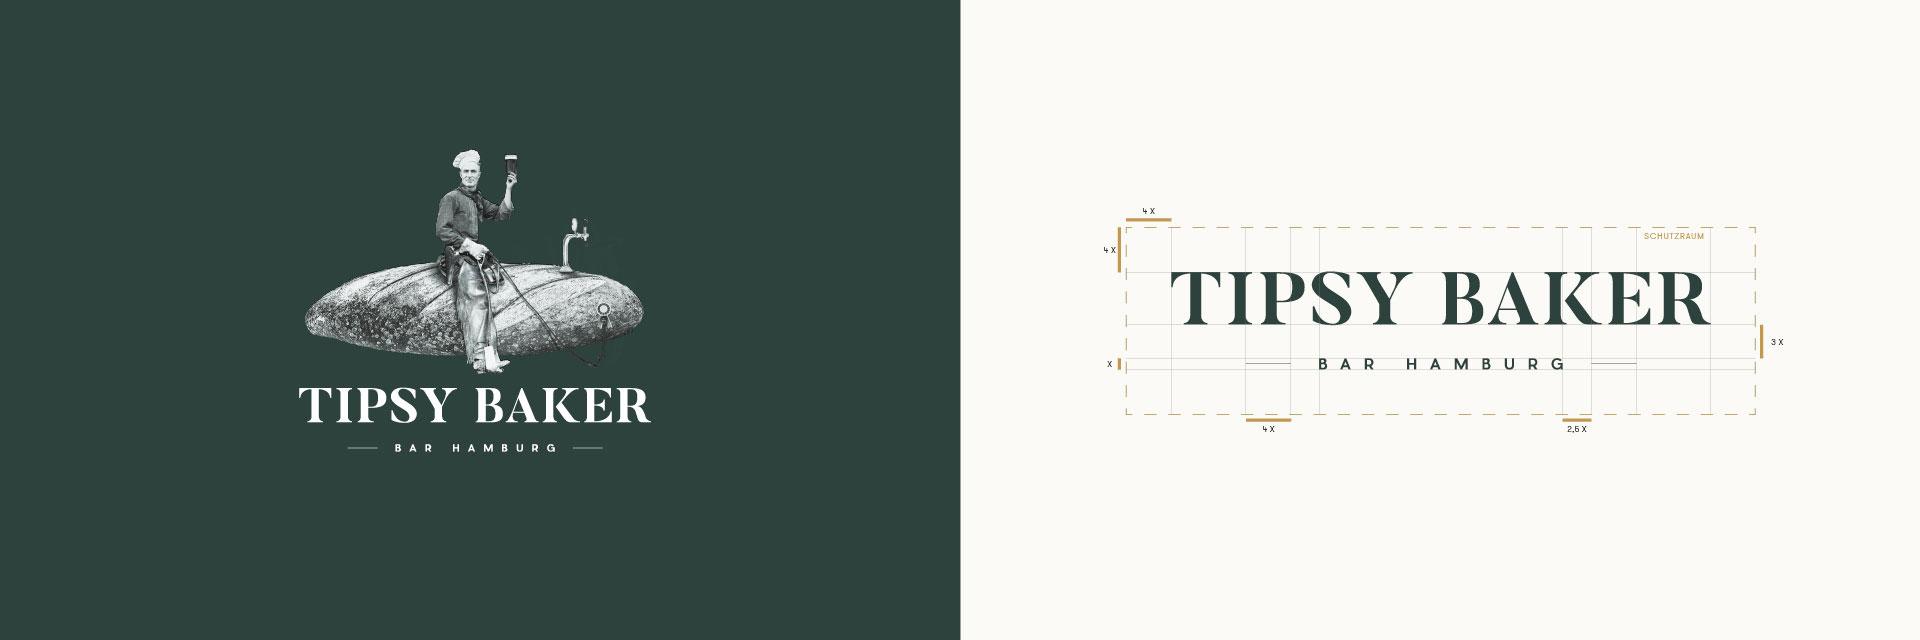 Tipsy baker Bar Hamburg Logo mit und ohne Visual